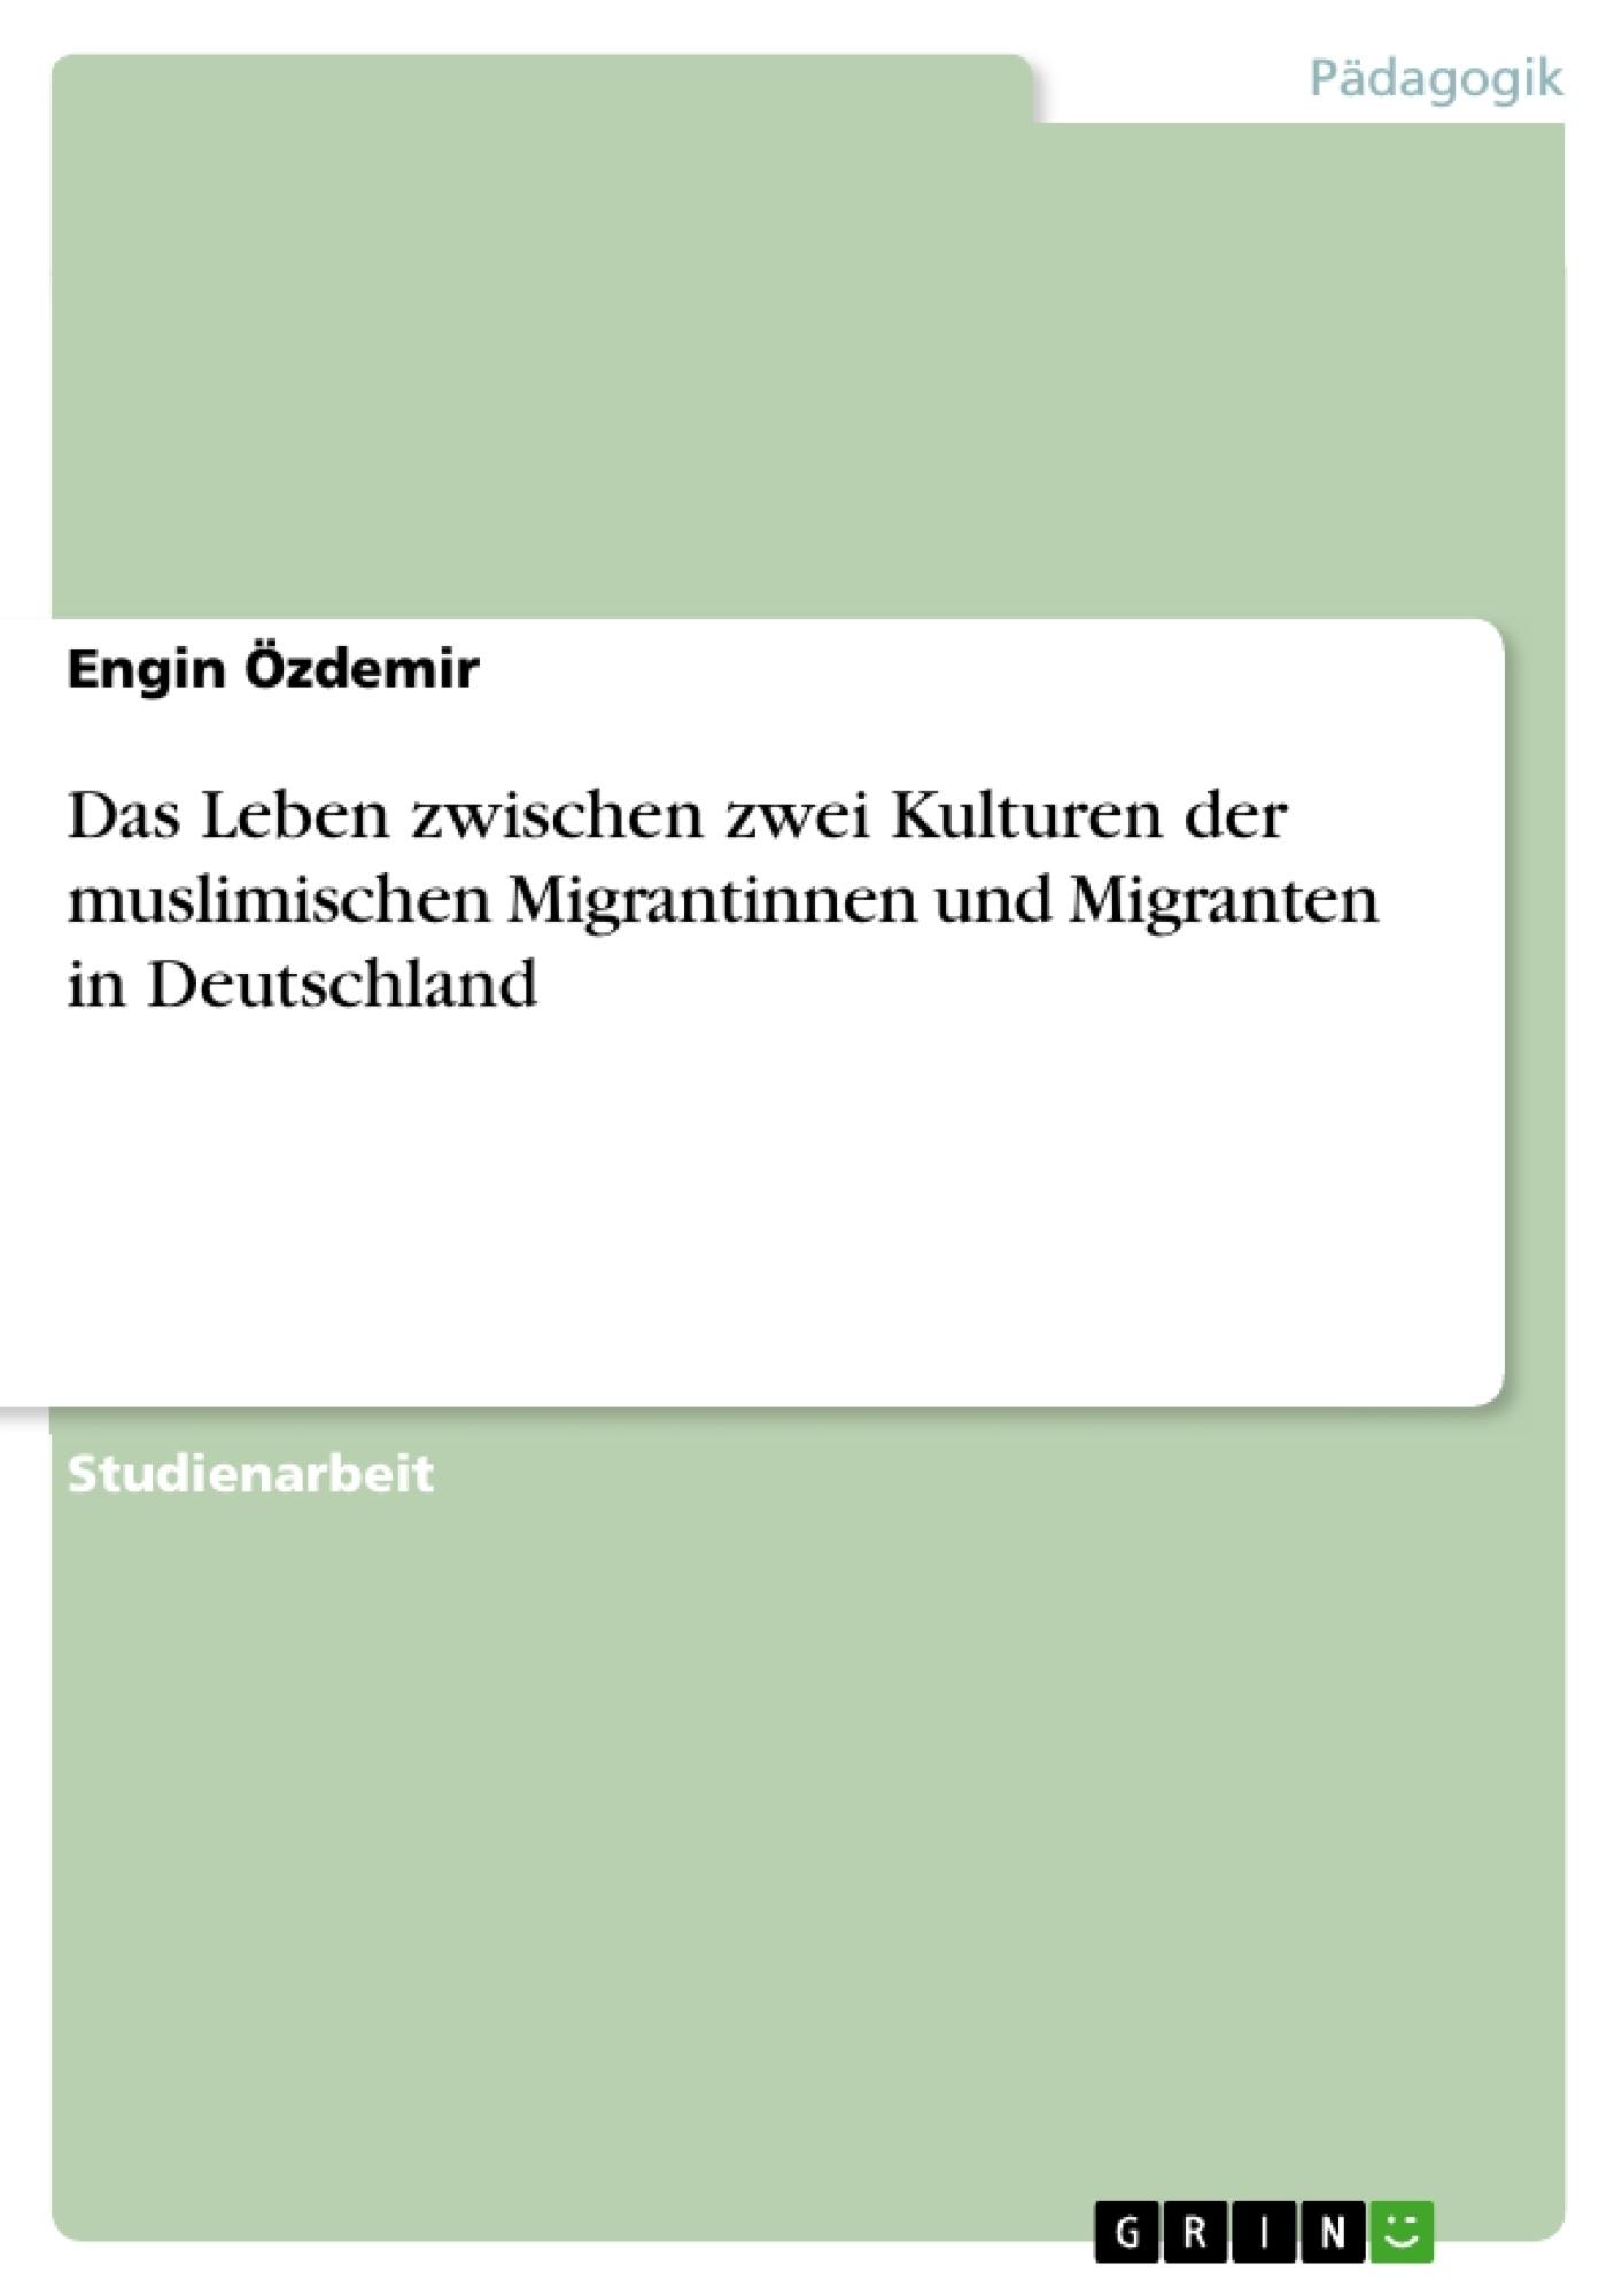 Titel: Das Leben zwischen zwei Kulturen der muslimischen Migrantinnen und Migranten in Deutschland